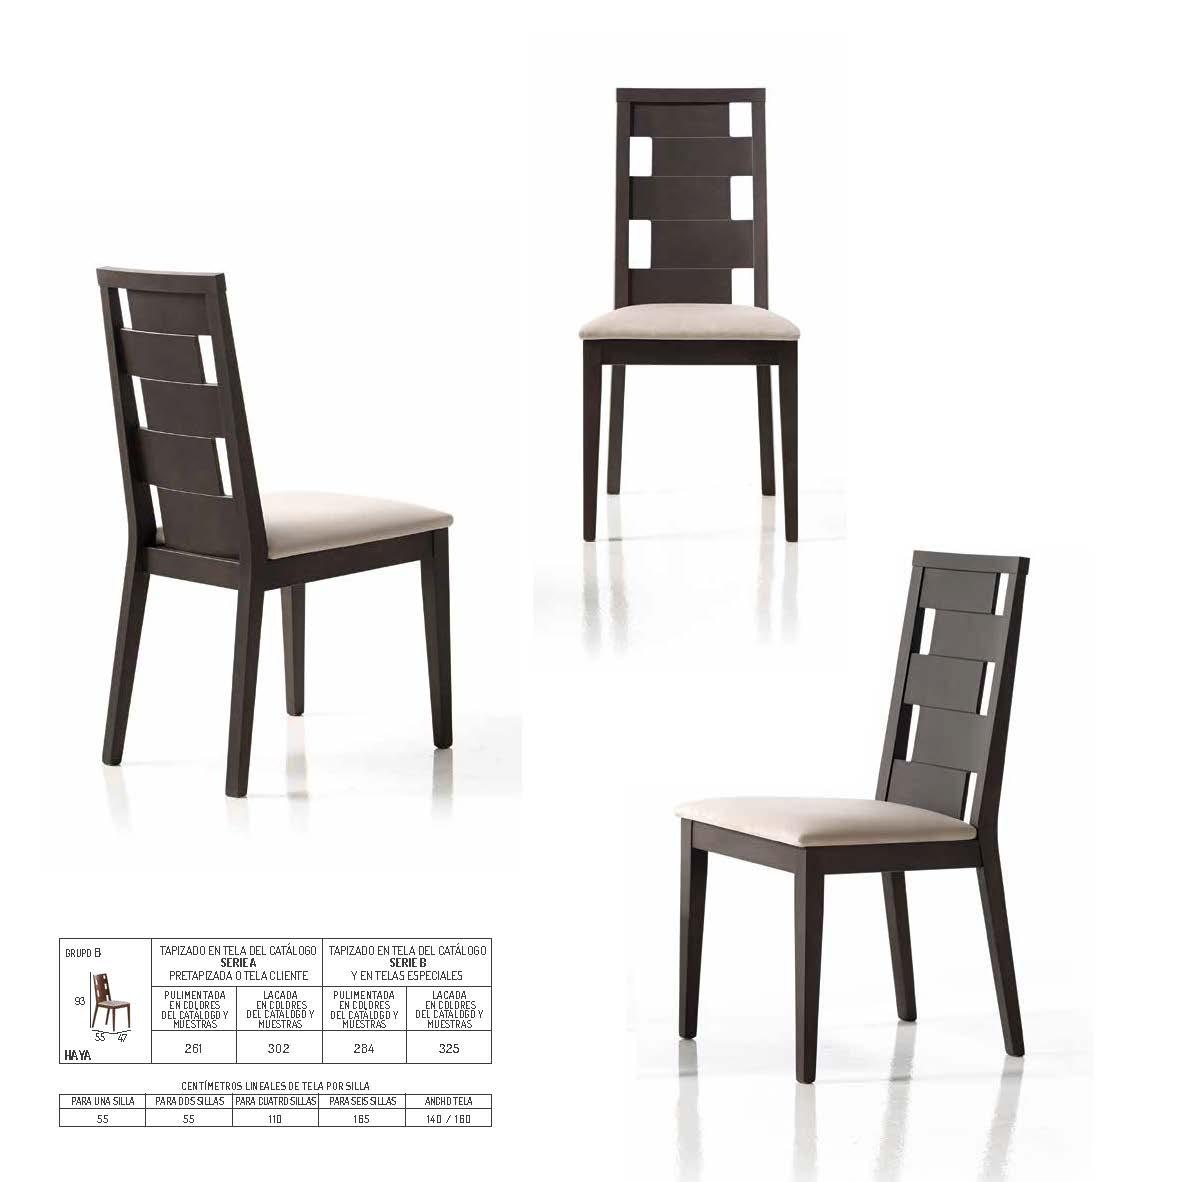 Ficha técnica de sillas de comedor 14f-0011